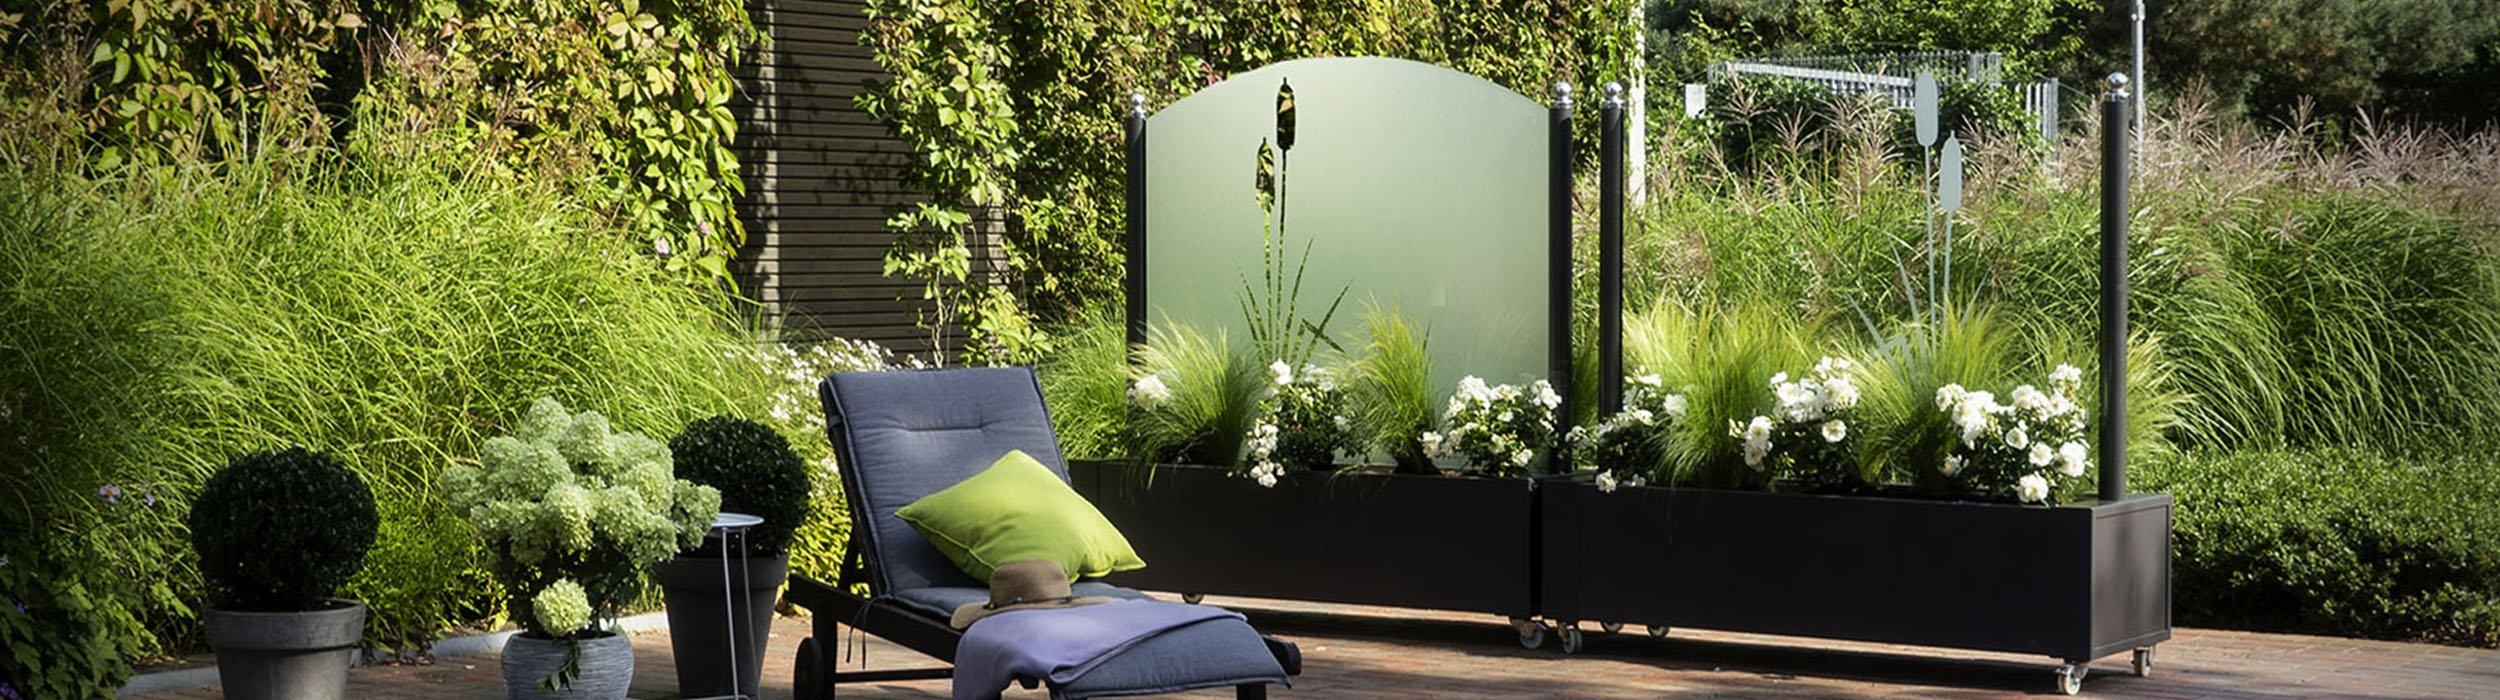 Windschutz für die Terrasse am besten aus Glas